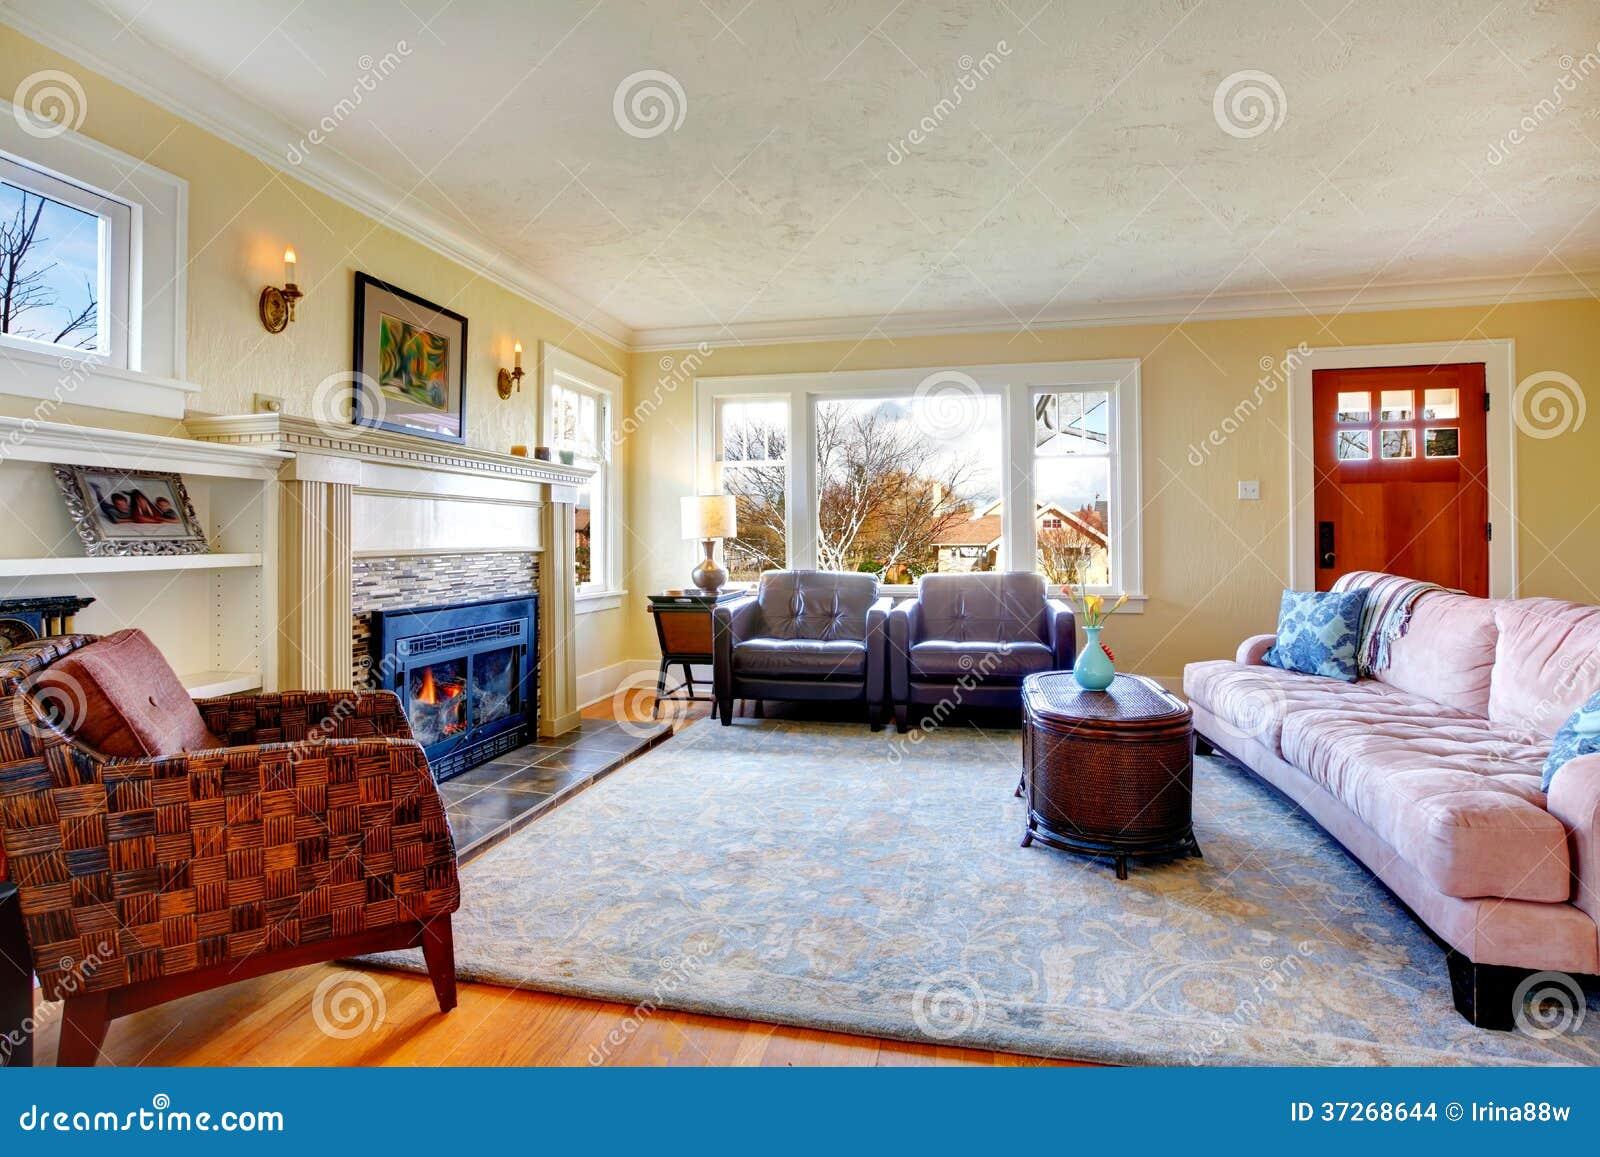 Wohnzimmer gemütlich kamin  Gemütliches Wohnzimmer Mit Kamin Und Verzierter Wand Mit Kerzen ...